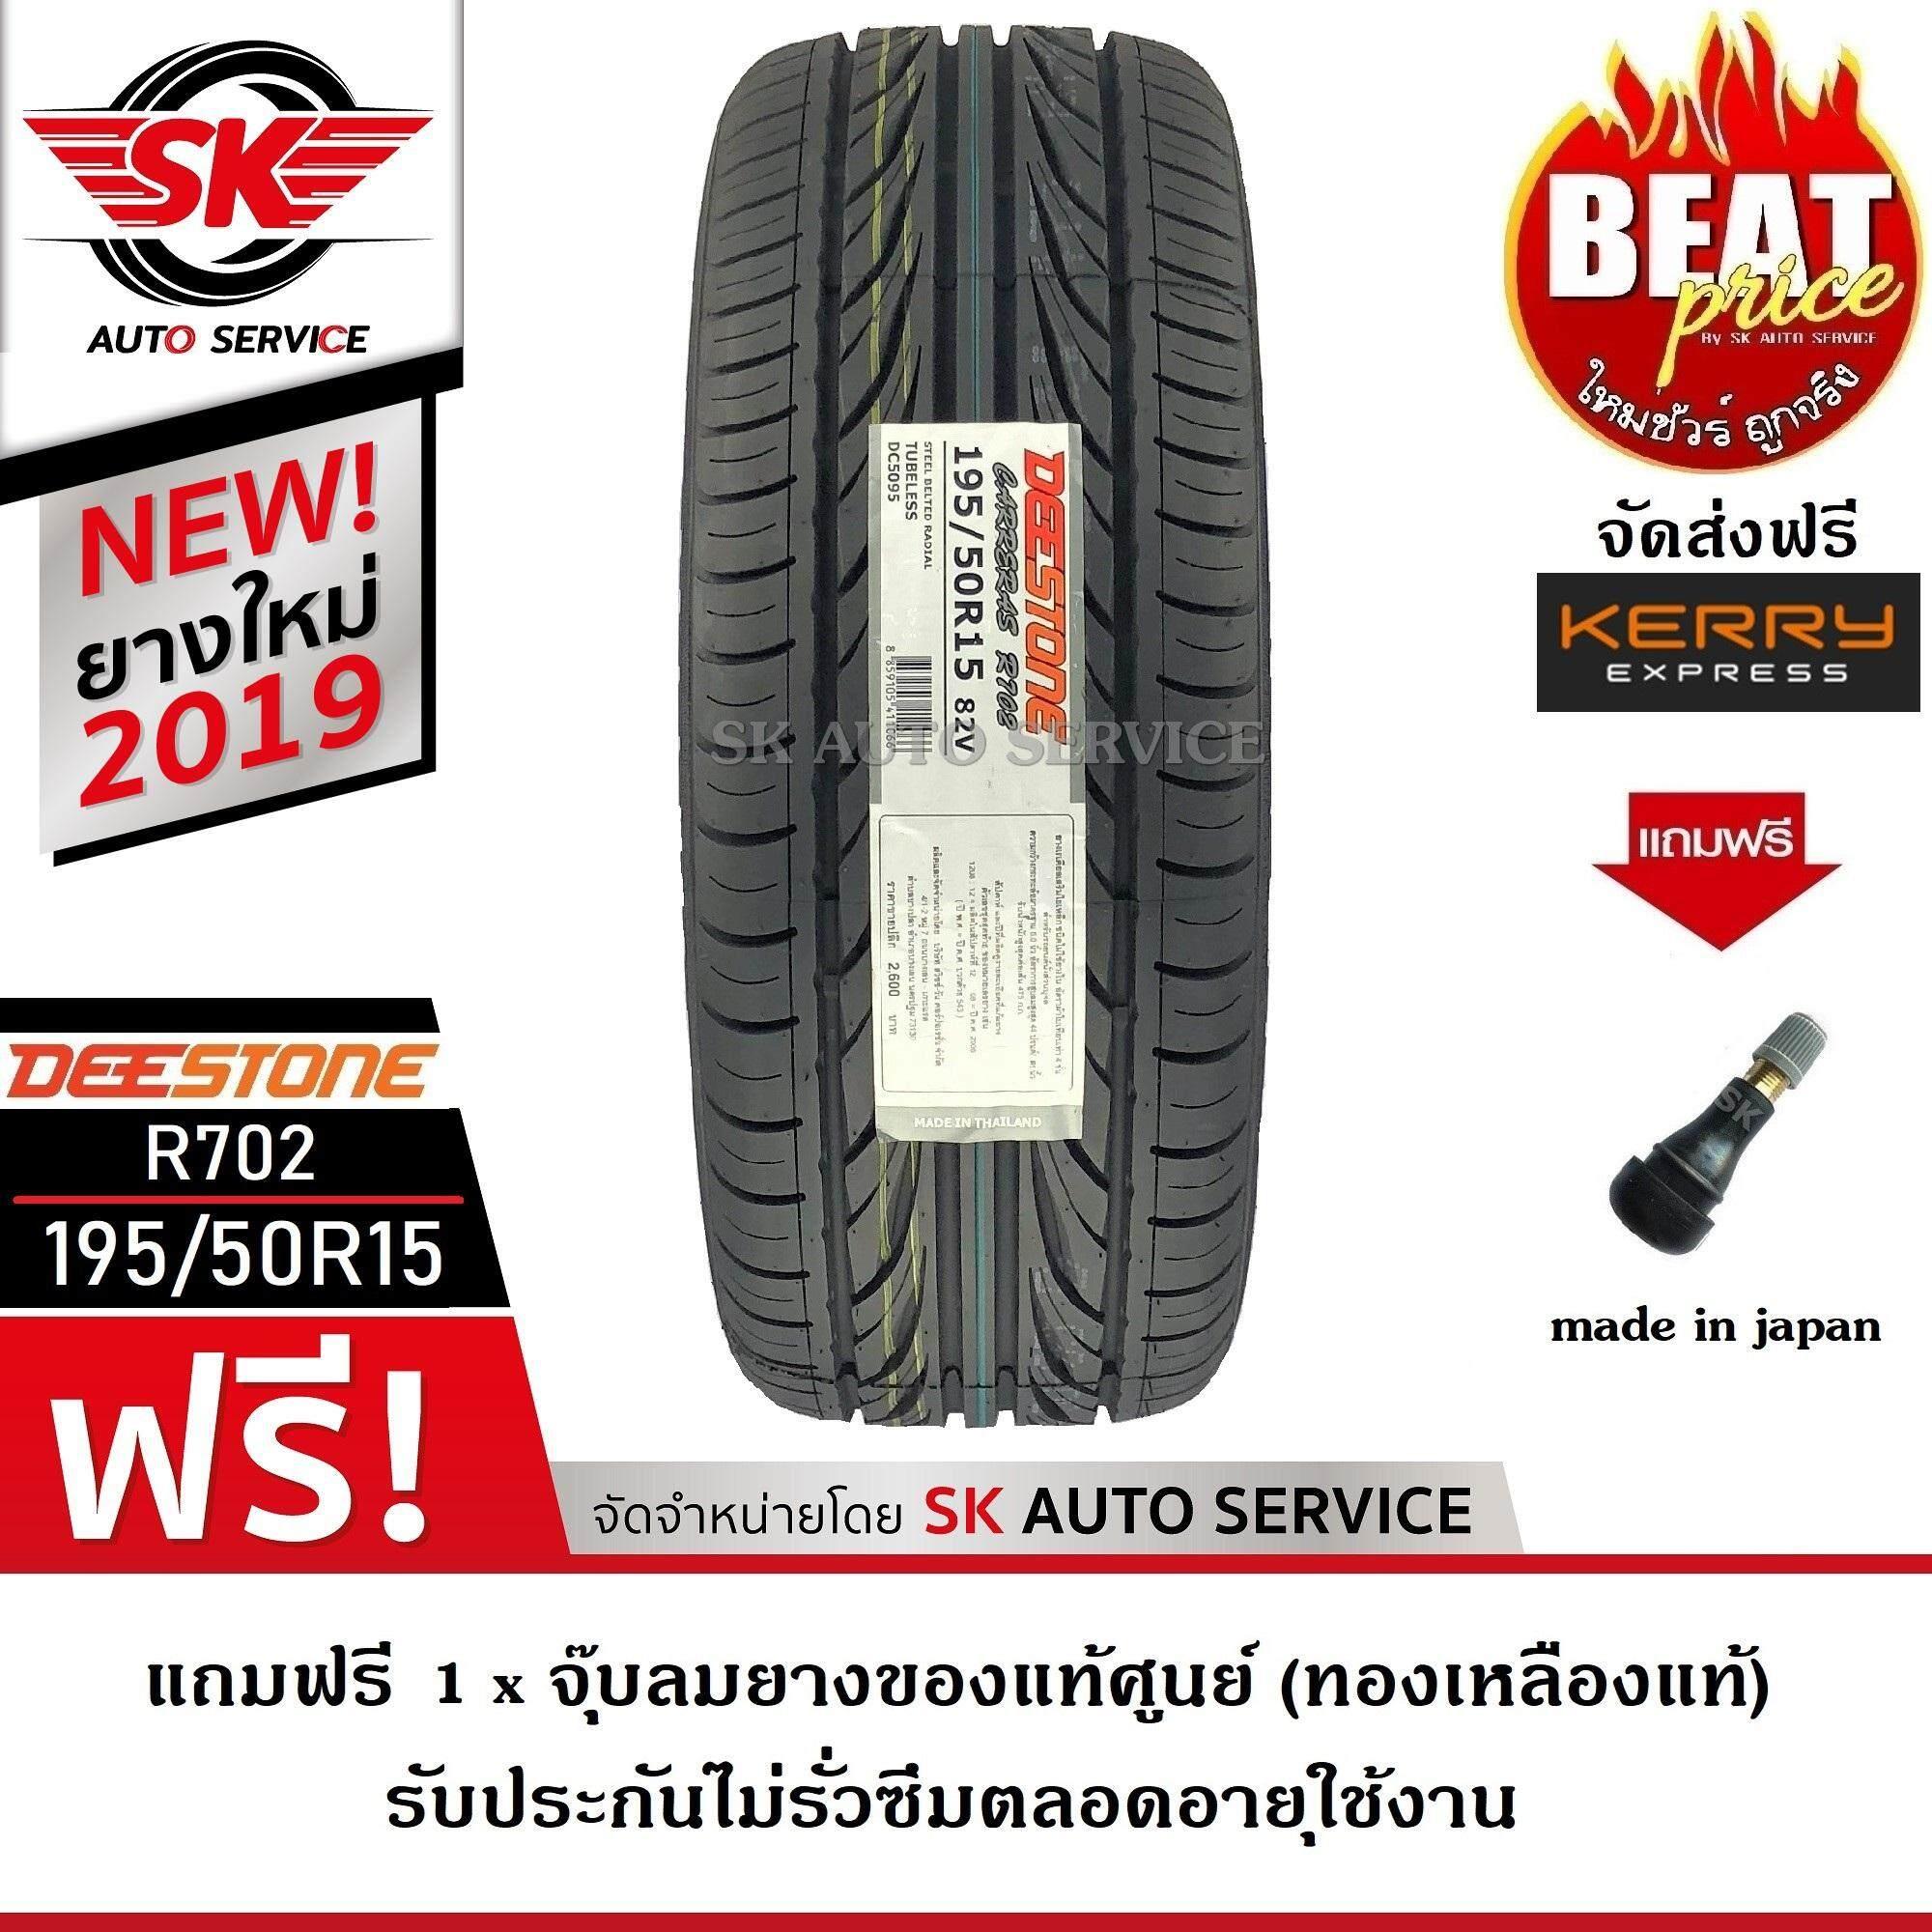 สุดยอดสินค้า!! DEESTONE ยางรถยนต์ 195/50R15 (ขอบ15) รุ่น R702 1 เส้น (ใหม่กริ๊ป2019)